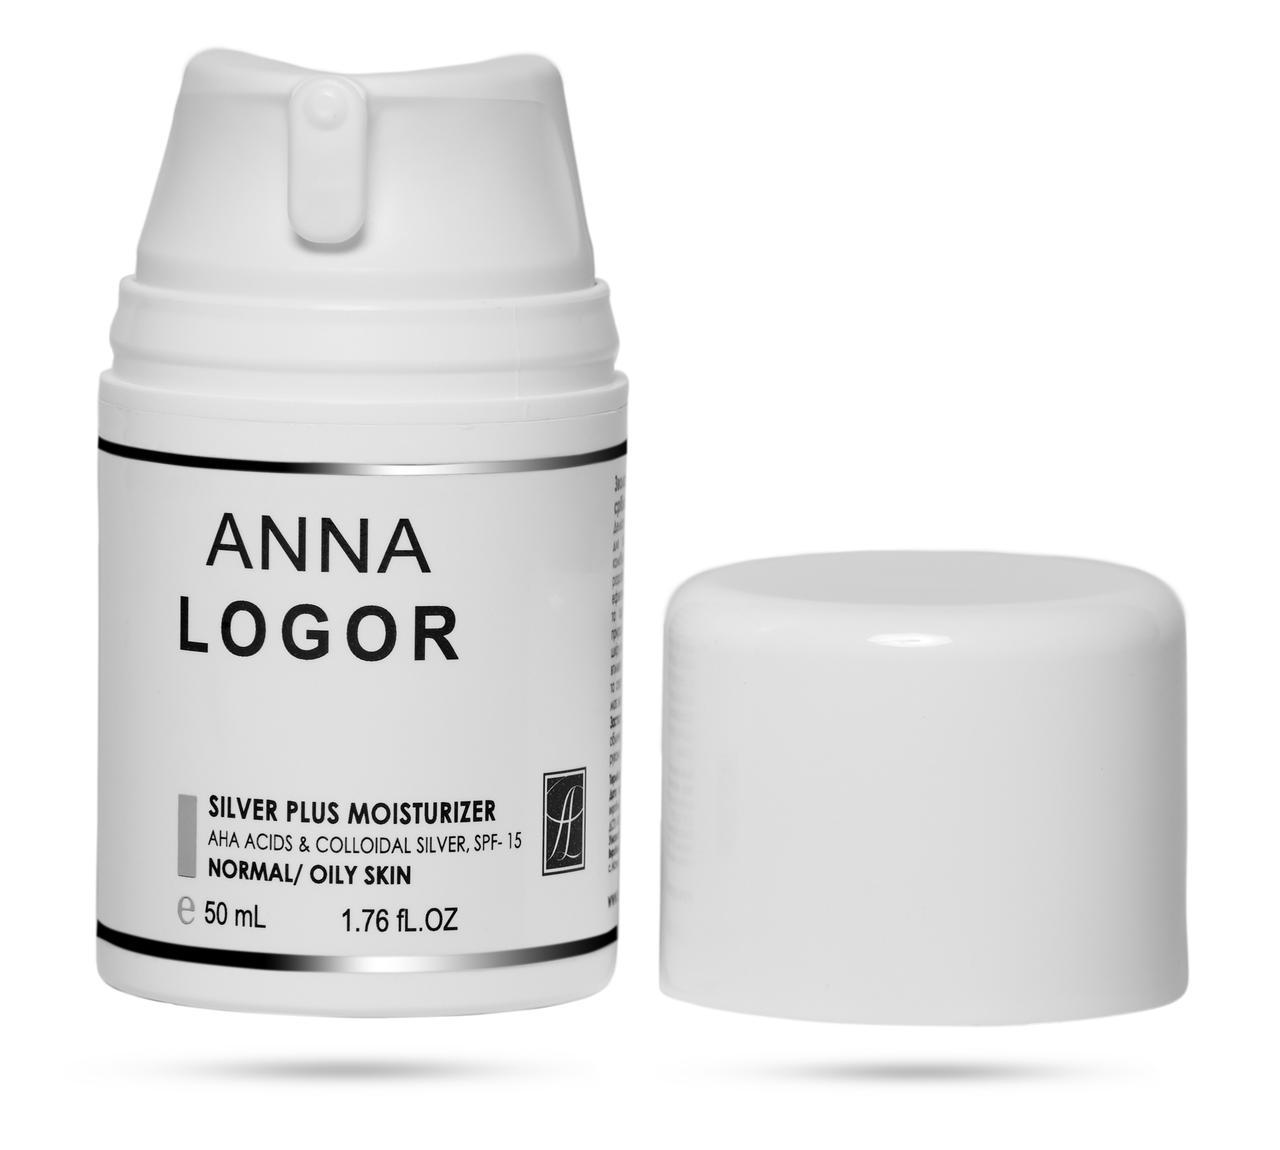 Зволожуючий  крем з колоїдним сріблом  Анна Логор / Anna Logor Silver Plus  Moisturizer 50 мл Код 323